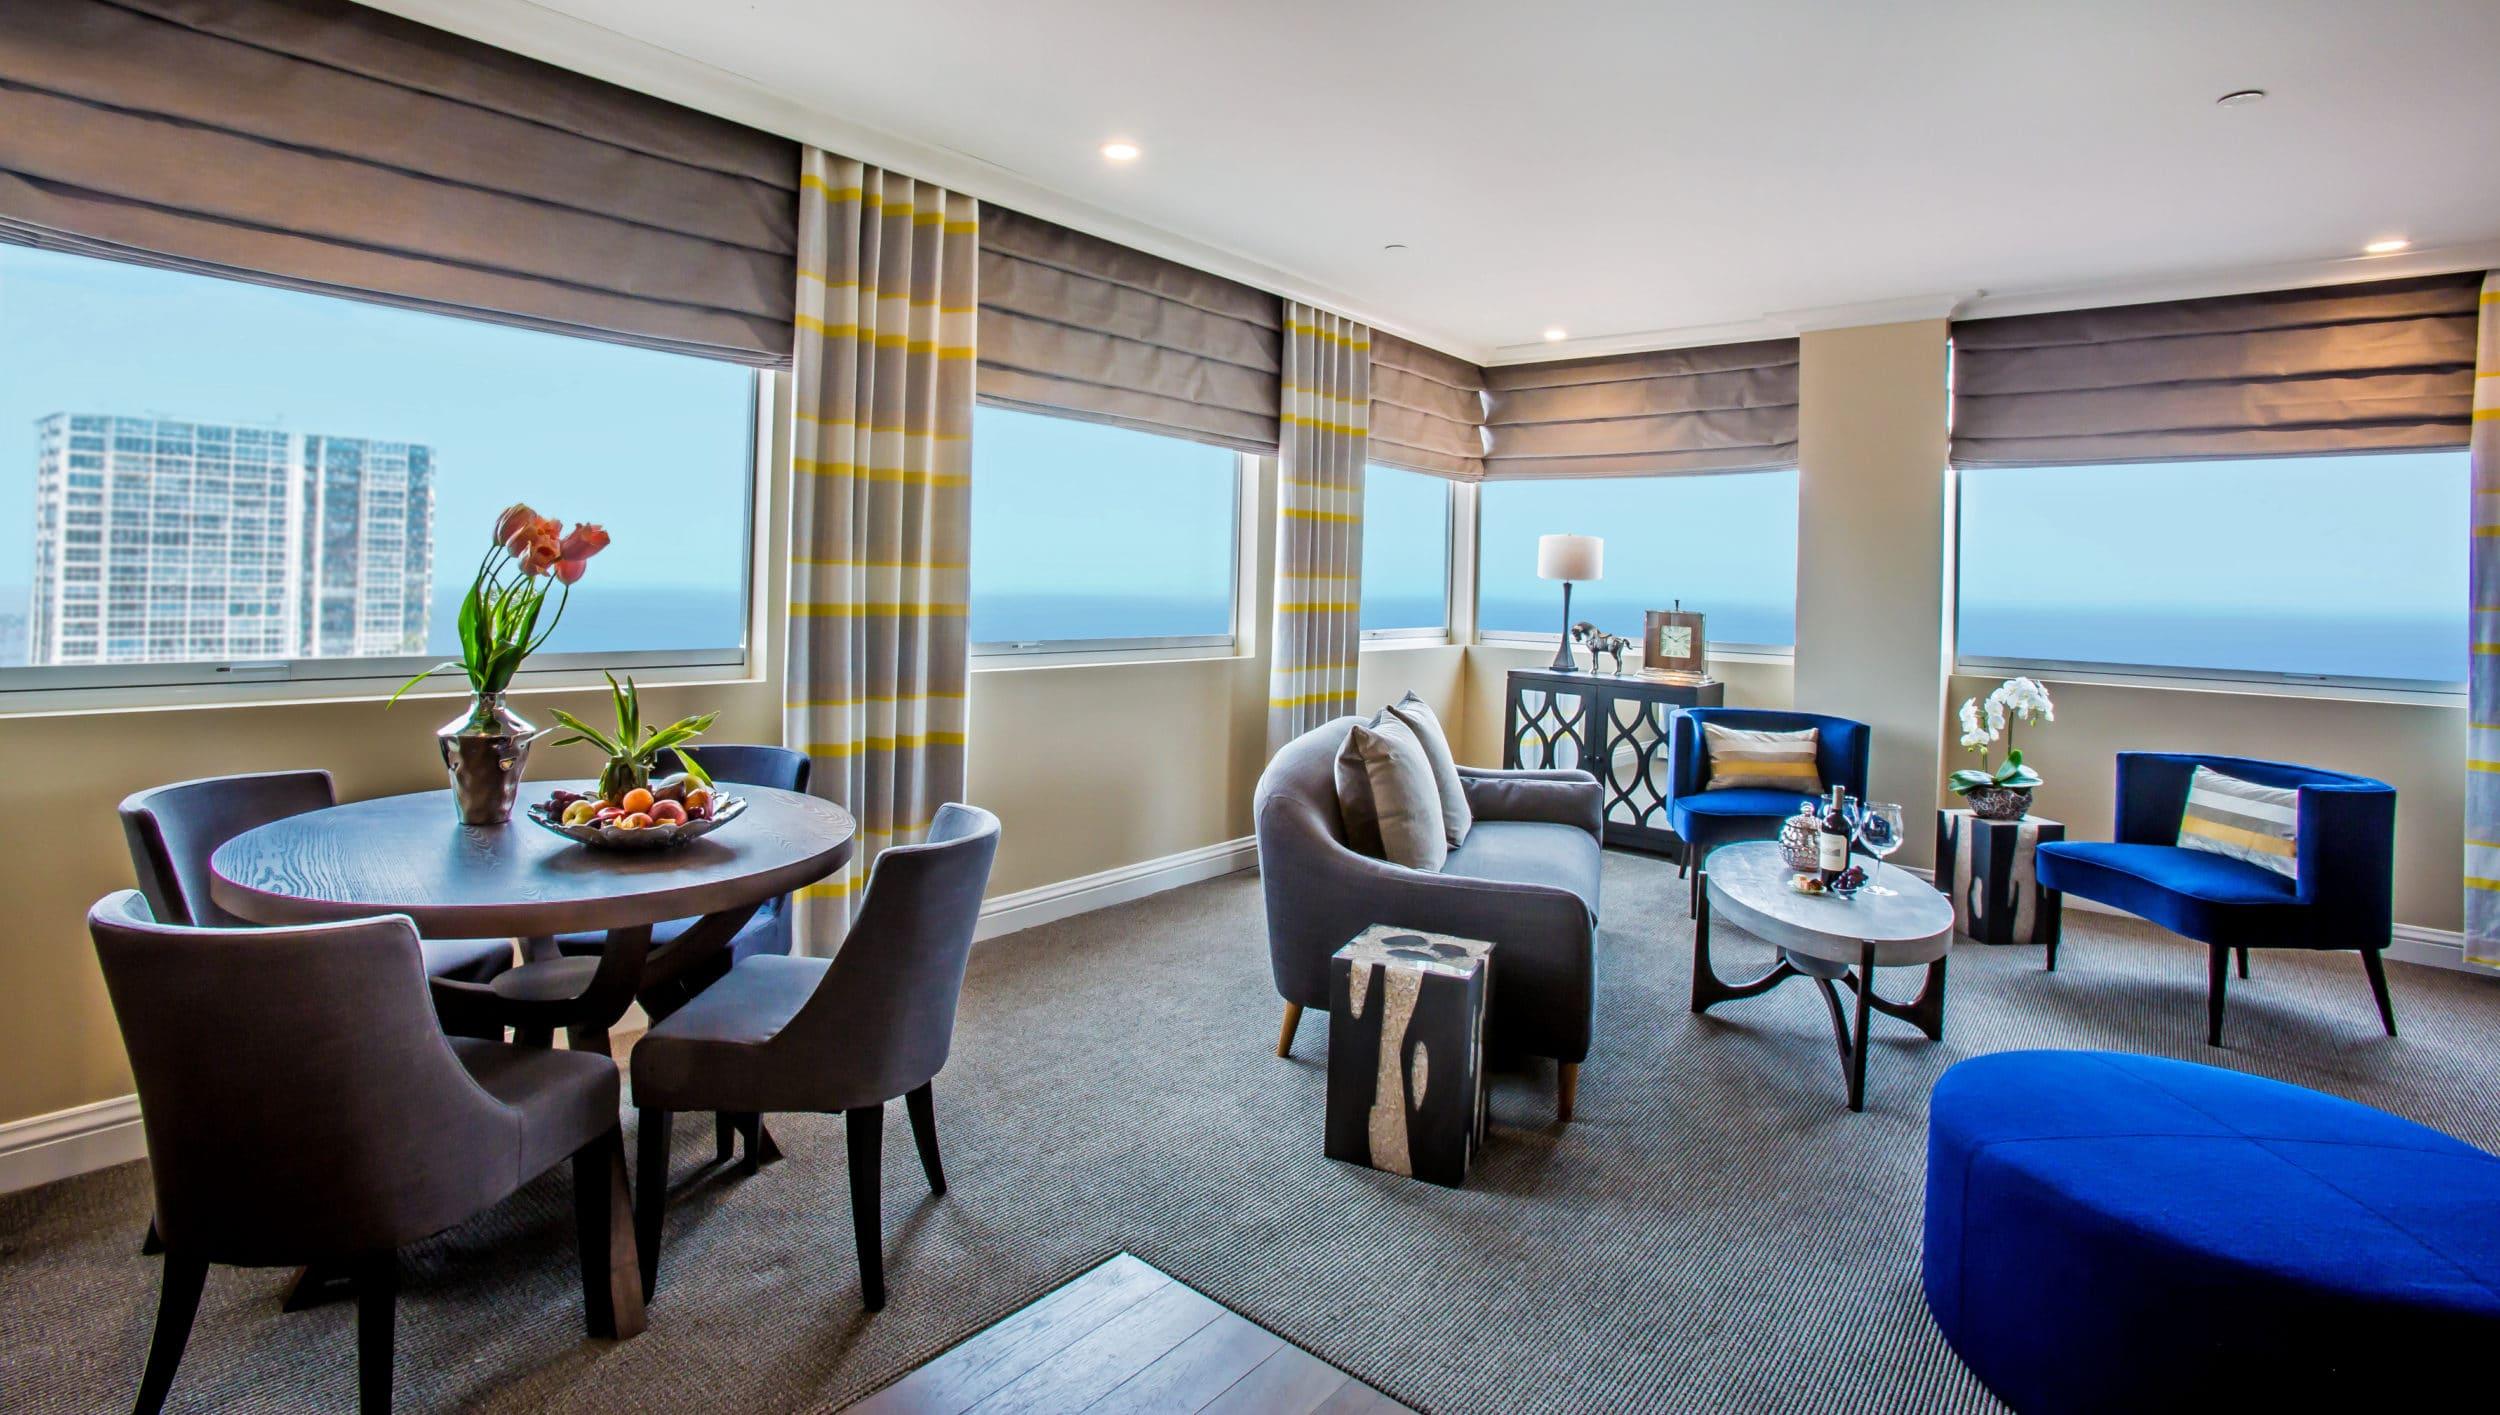 Sky Suite Living Room at La Valencia Hotel La Jolla